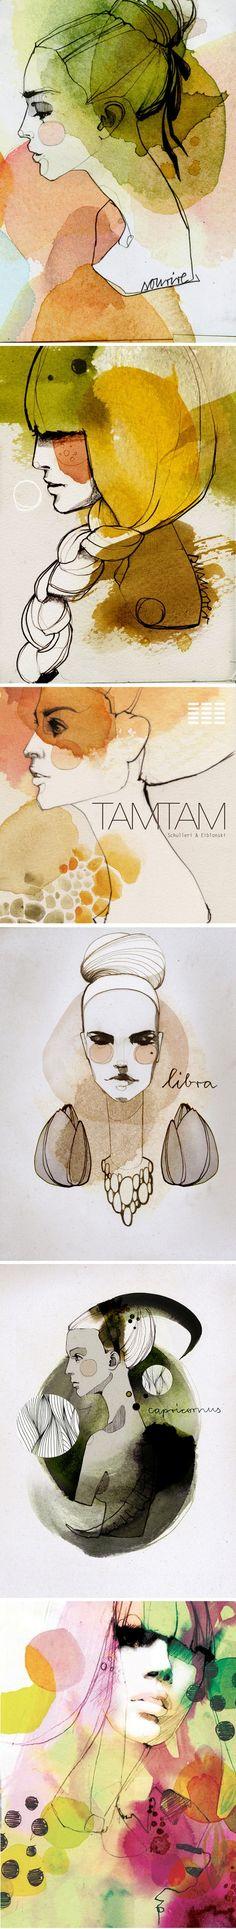 Illustrations par Ekaterina Koroleva - Journal du Design